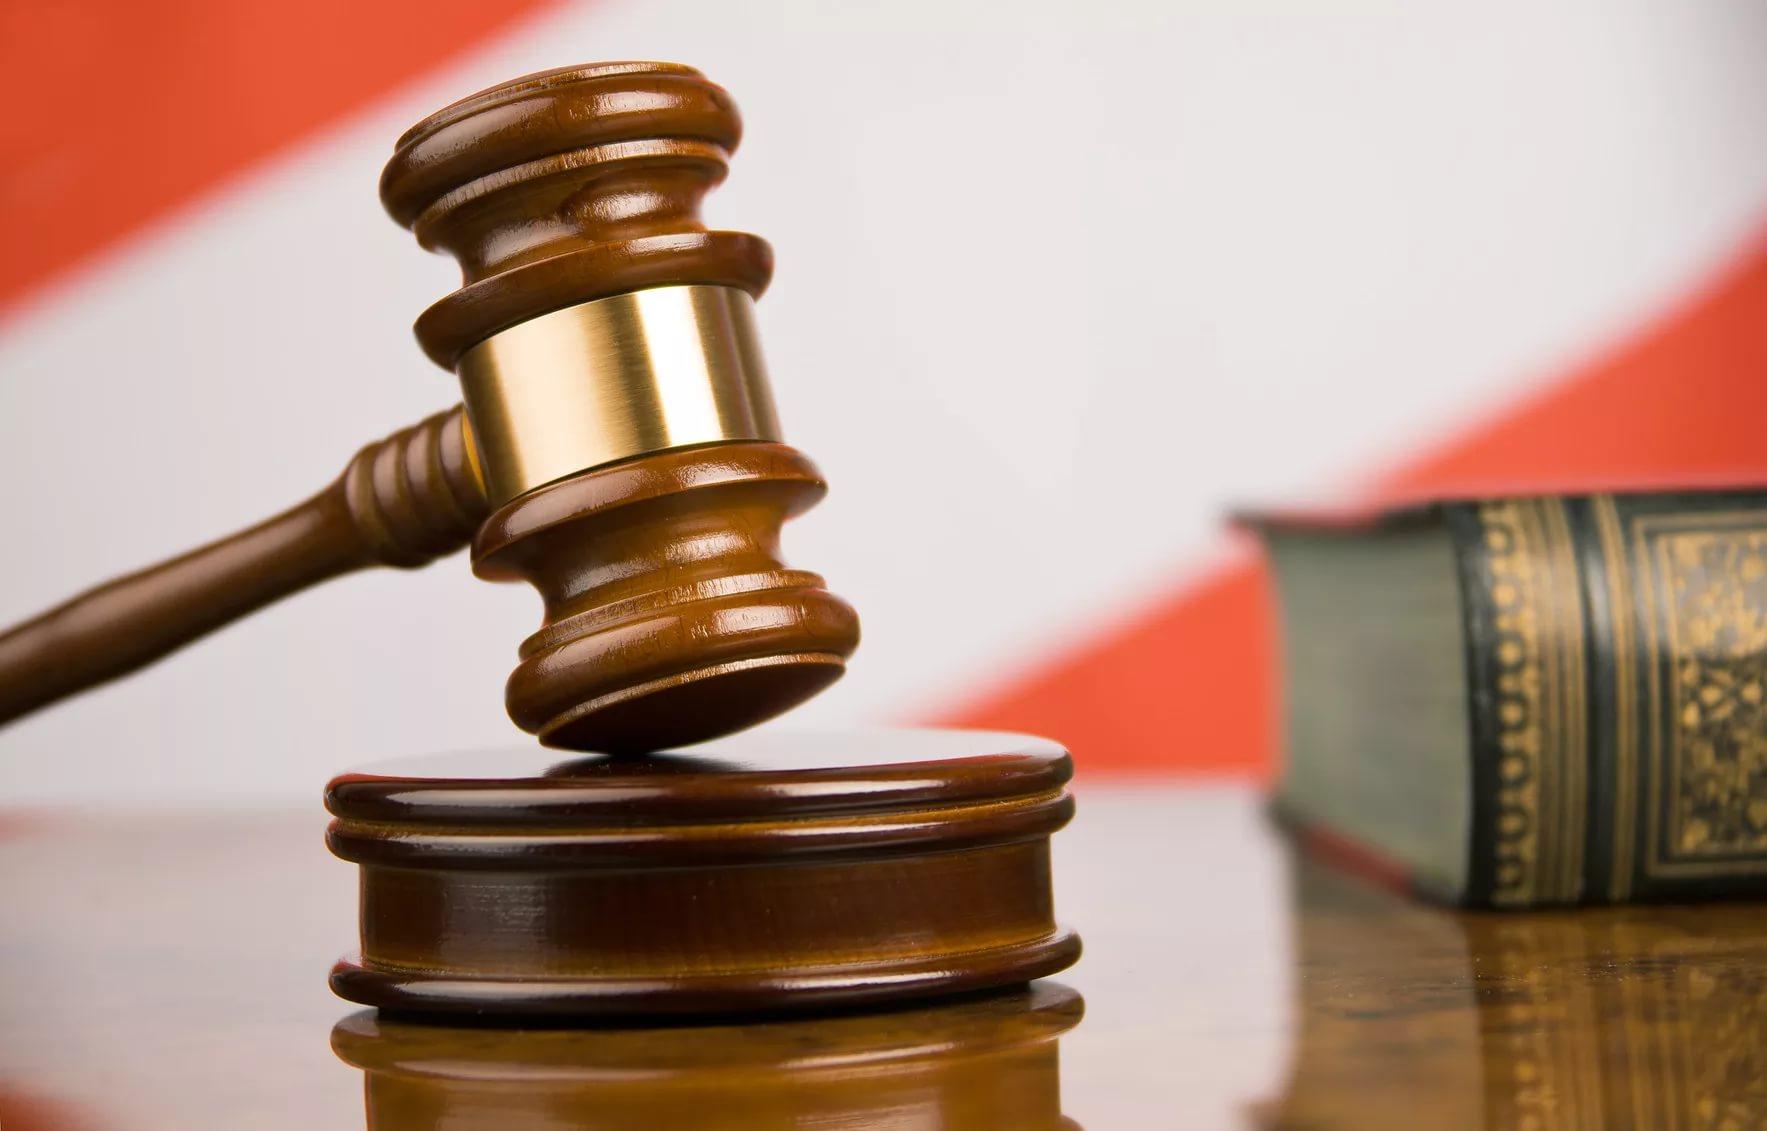 ВСамаре экс-депутата Владимира Сюсина приговорили к 5-ти  годам колонии